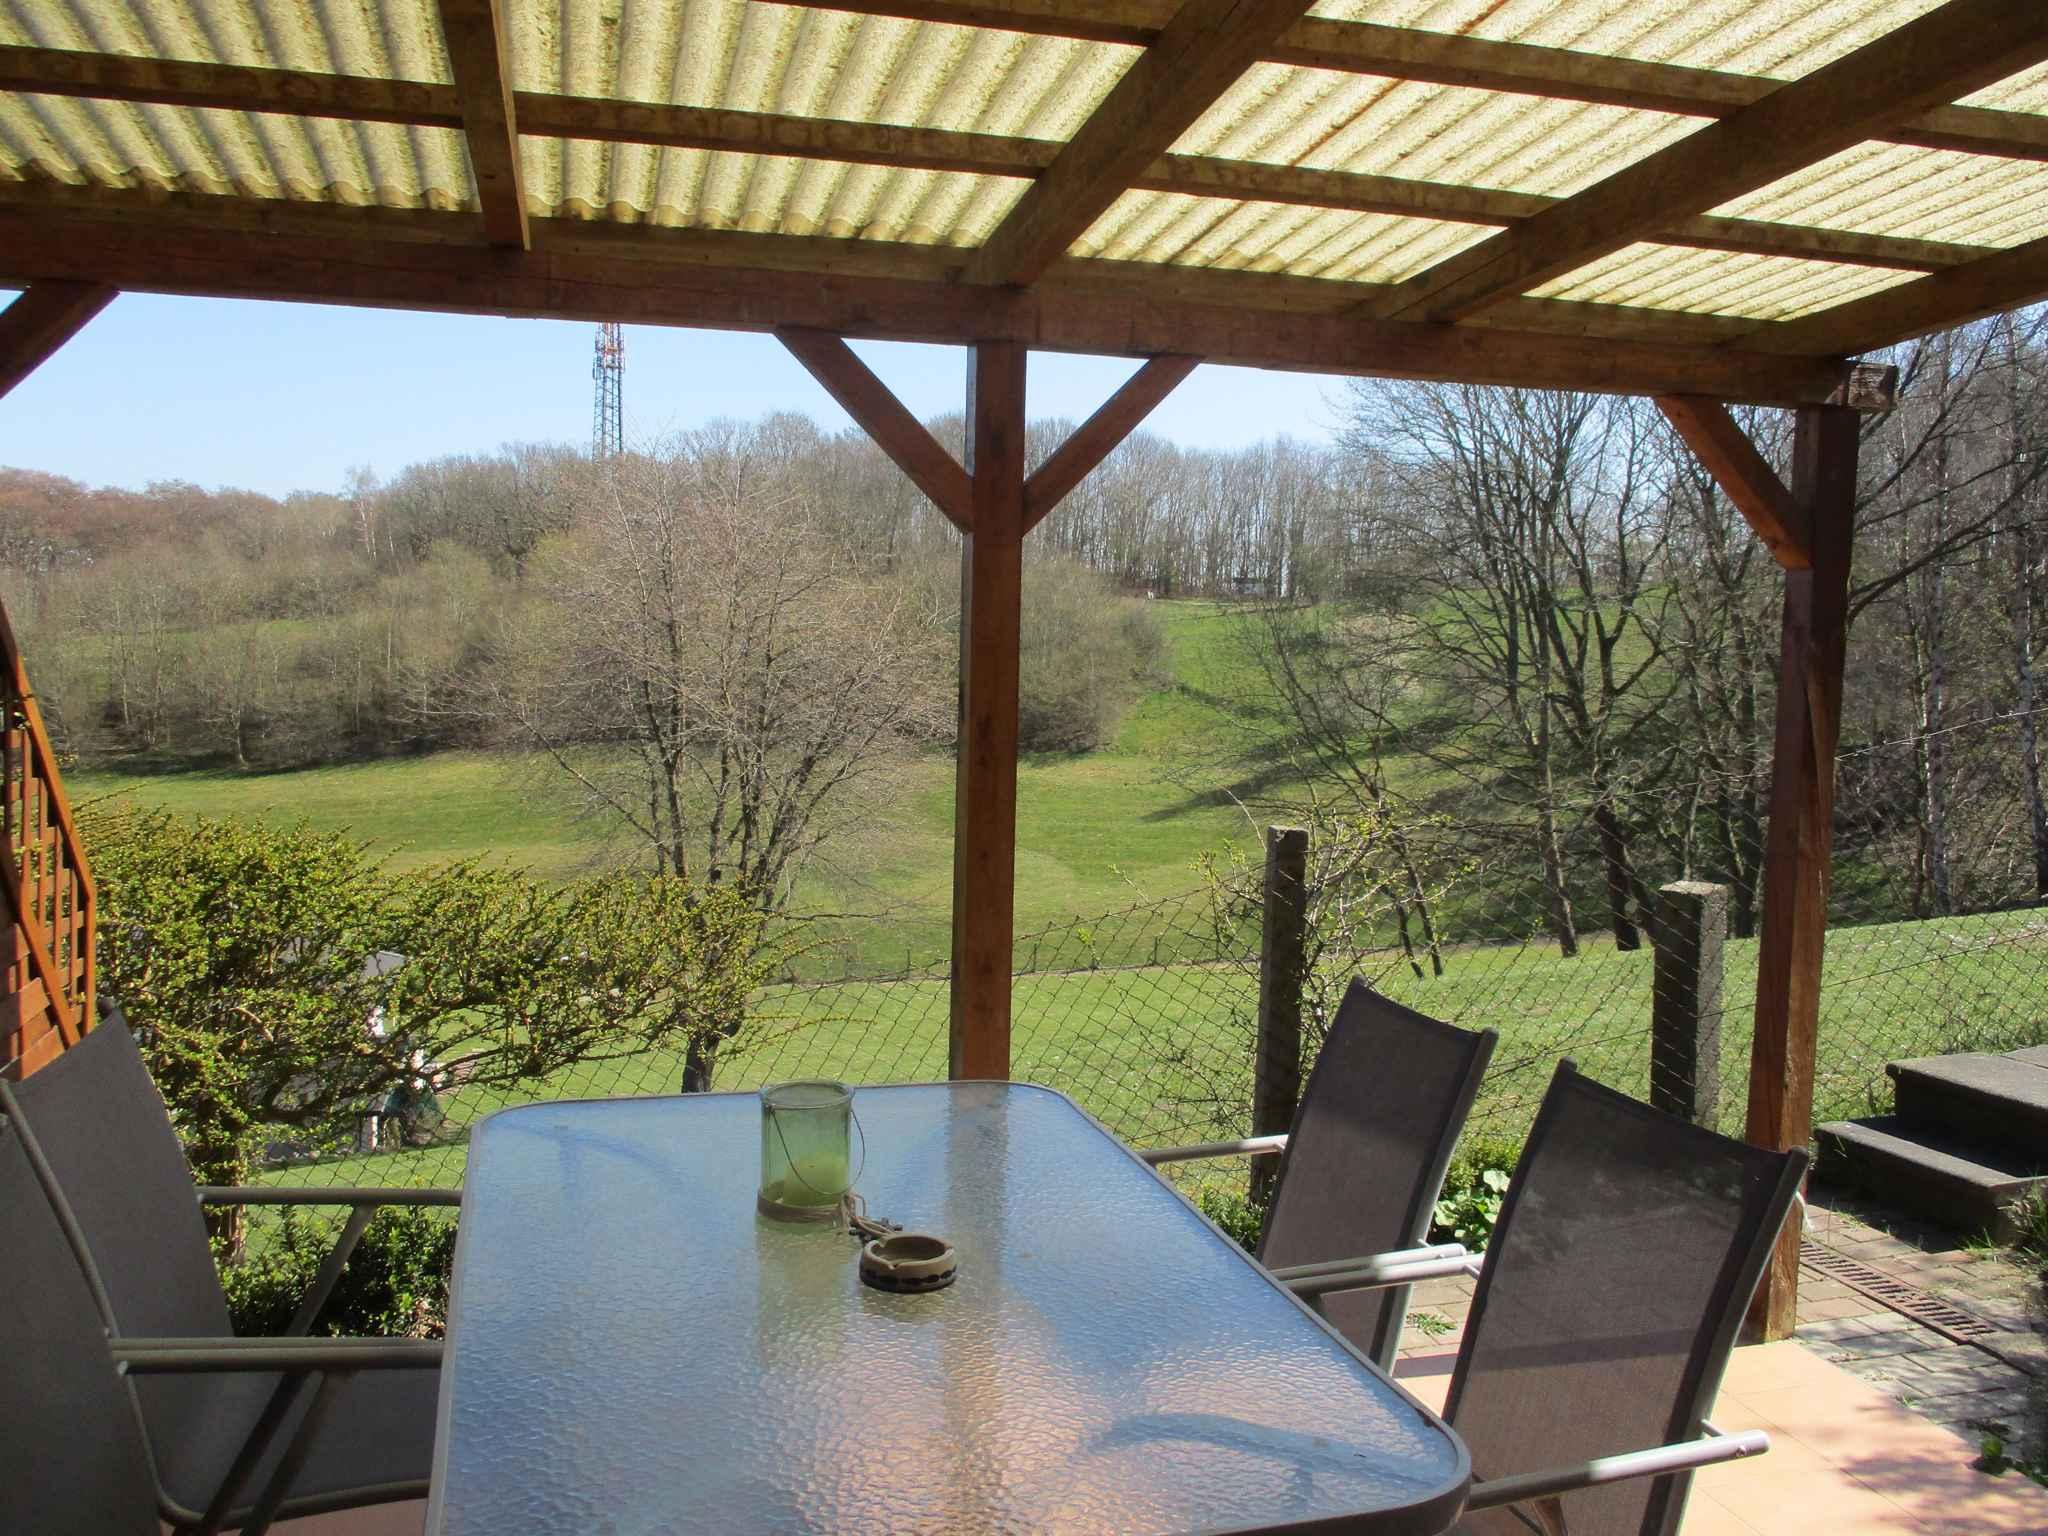 Ferienhaus mit überdachter Terrasse, 600 m zum Ostseestrand (317764), Göhren, Rügen, Mecklenburg-Vorpommern, Deutschland, Bild 7